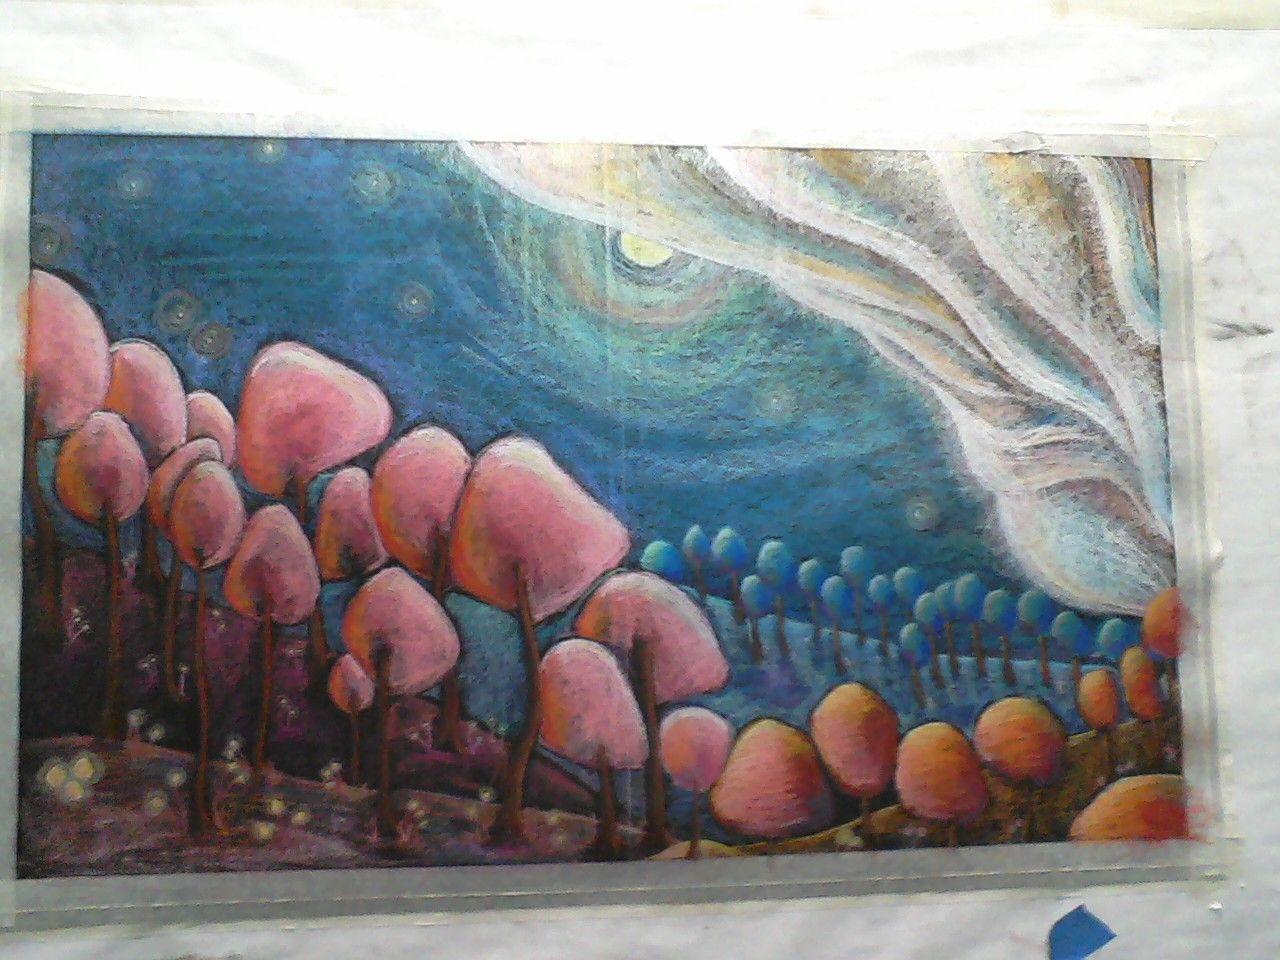 Pastel Drawing by Krysta Dean Pastel drawing, Artist